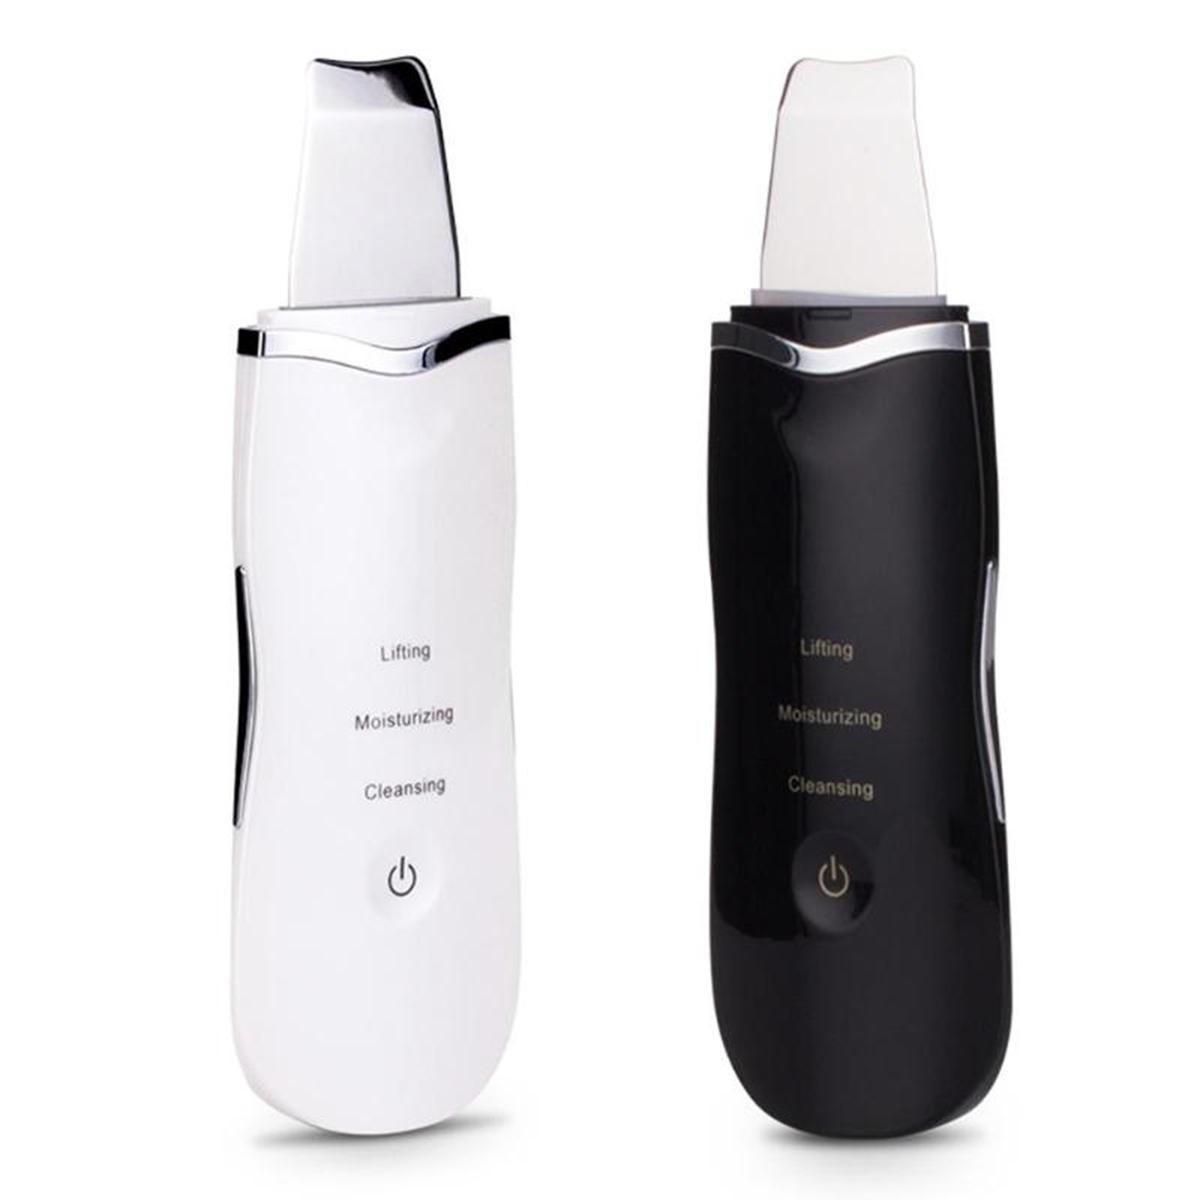 تصویر دستگاه پاکسازی صورت اولترا سونیک مدل 0w7 - رنگ سفید Ultra Sonic Cleaning Skin 0w7